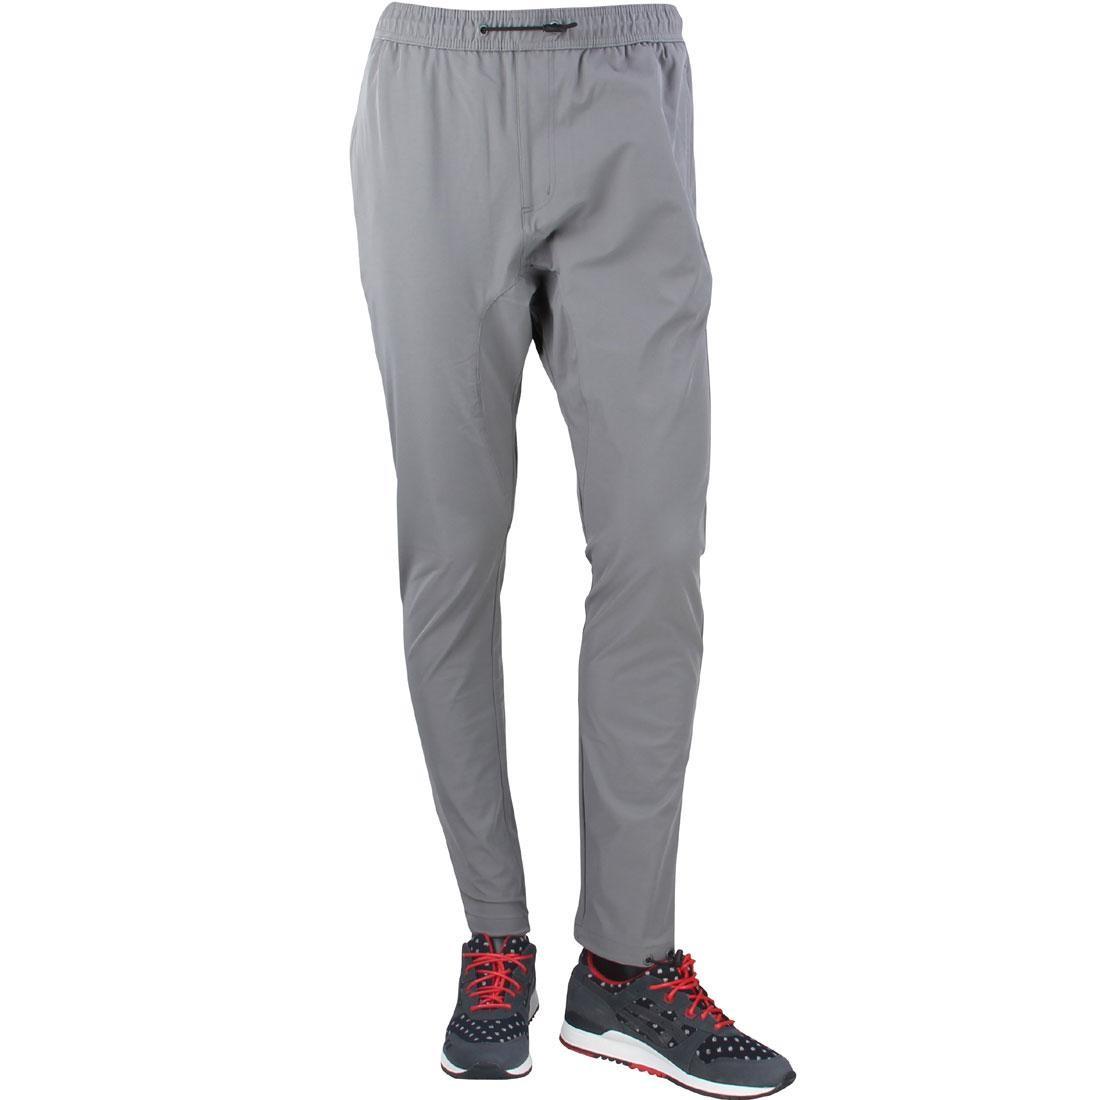 テック 灰色 グレー グレイ 【 GRAY ZANEROBE MEN MONTAGE SALERNO TECH PANTS 】 メンズファッション ズボン パンツ